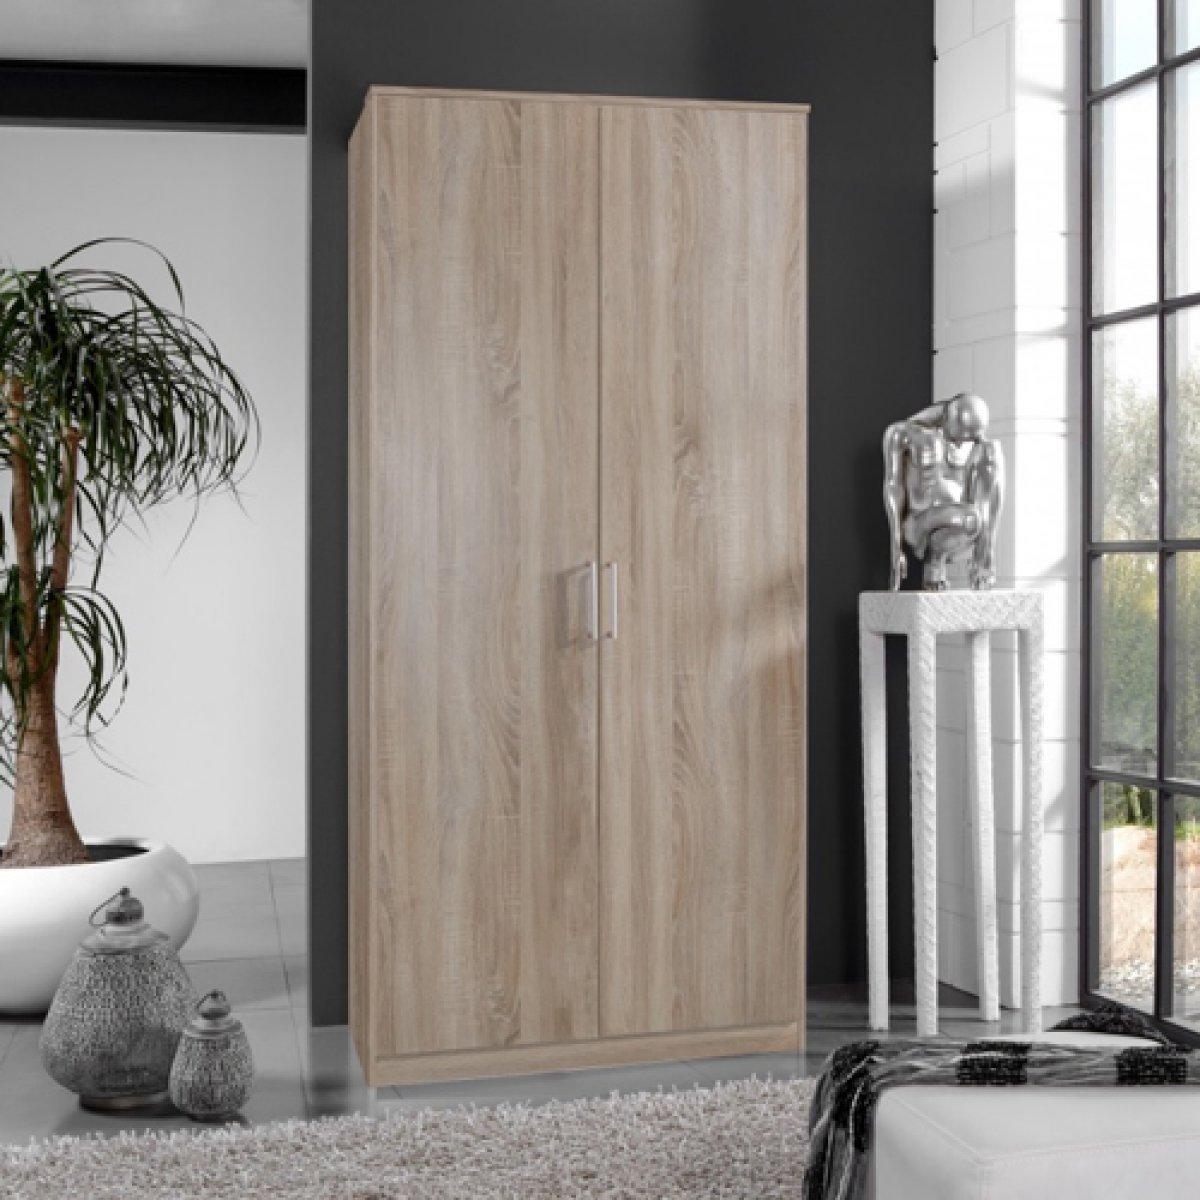 Ντουλάπες ξύλινες | Mymegamarket.gr